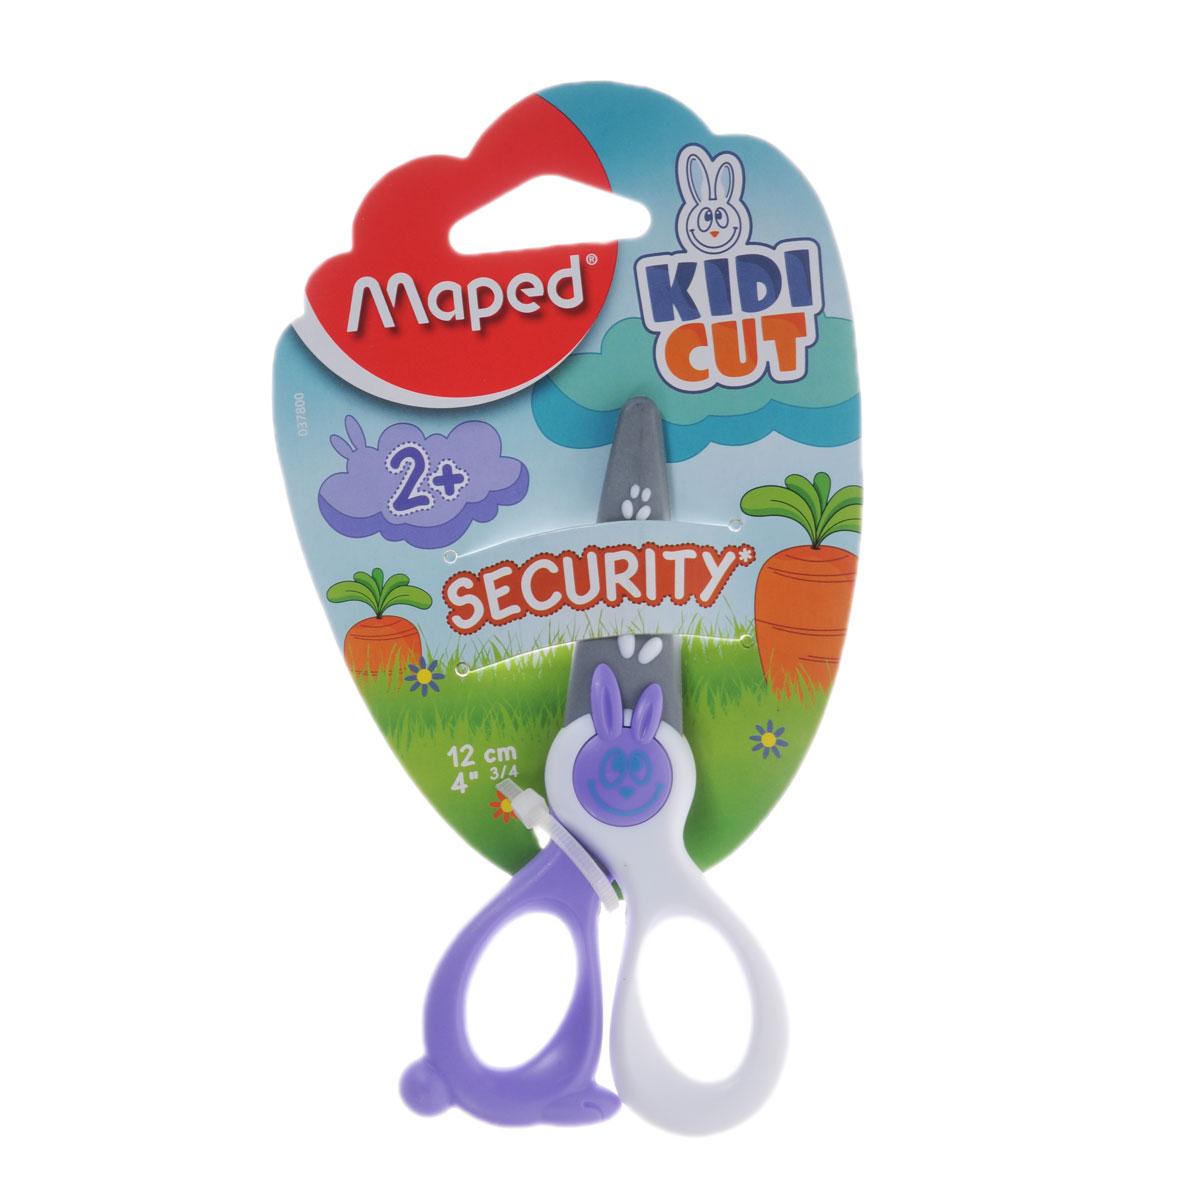 Ножницы детские Maped Security, цвет: сиреневый, белый, 12 смPP-203Детские ножницы Maped Security с закругленными концами имеют специальные лезвия из фибергласа, которые режут бумагу, но не повредят кожу ребенка, волосы или одежду. Идеальны для обучения обращению с ножницами вашего малыша.Рекомендуемый возраст: от 2 лет.